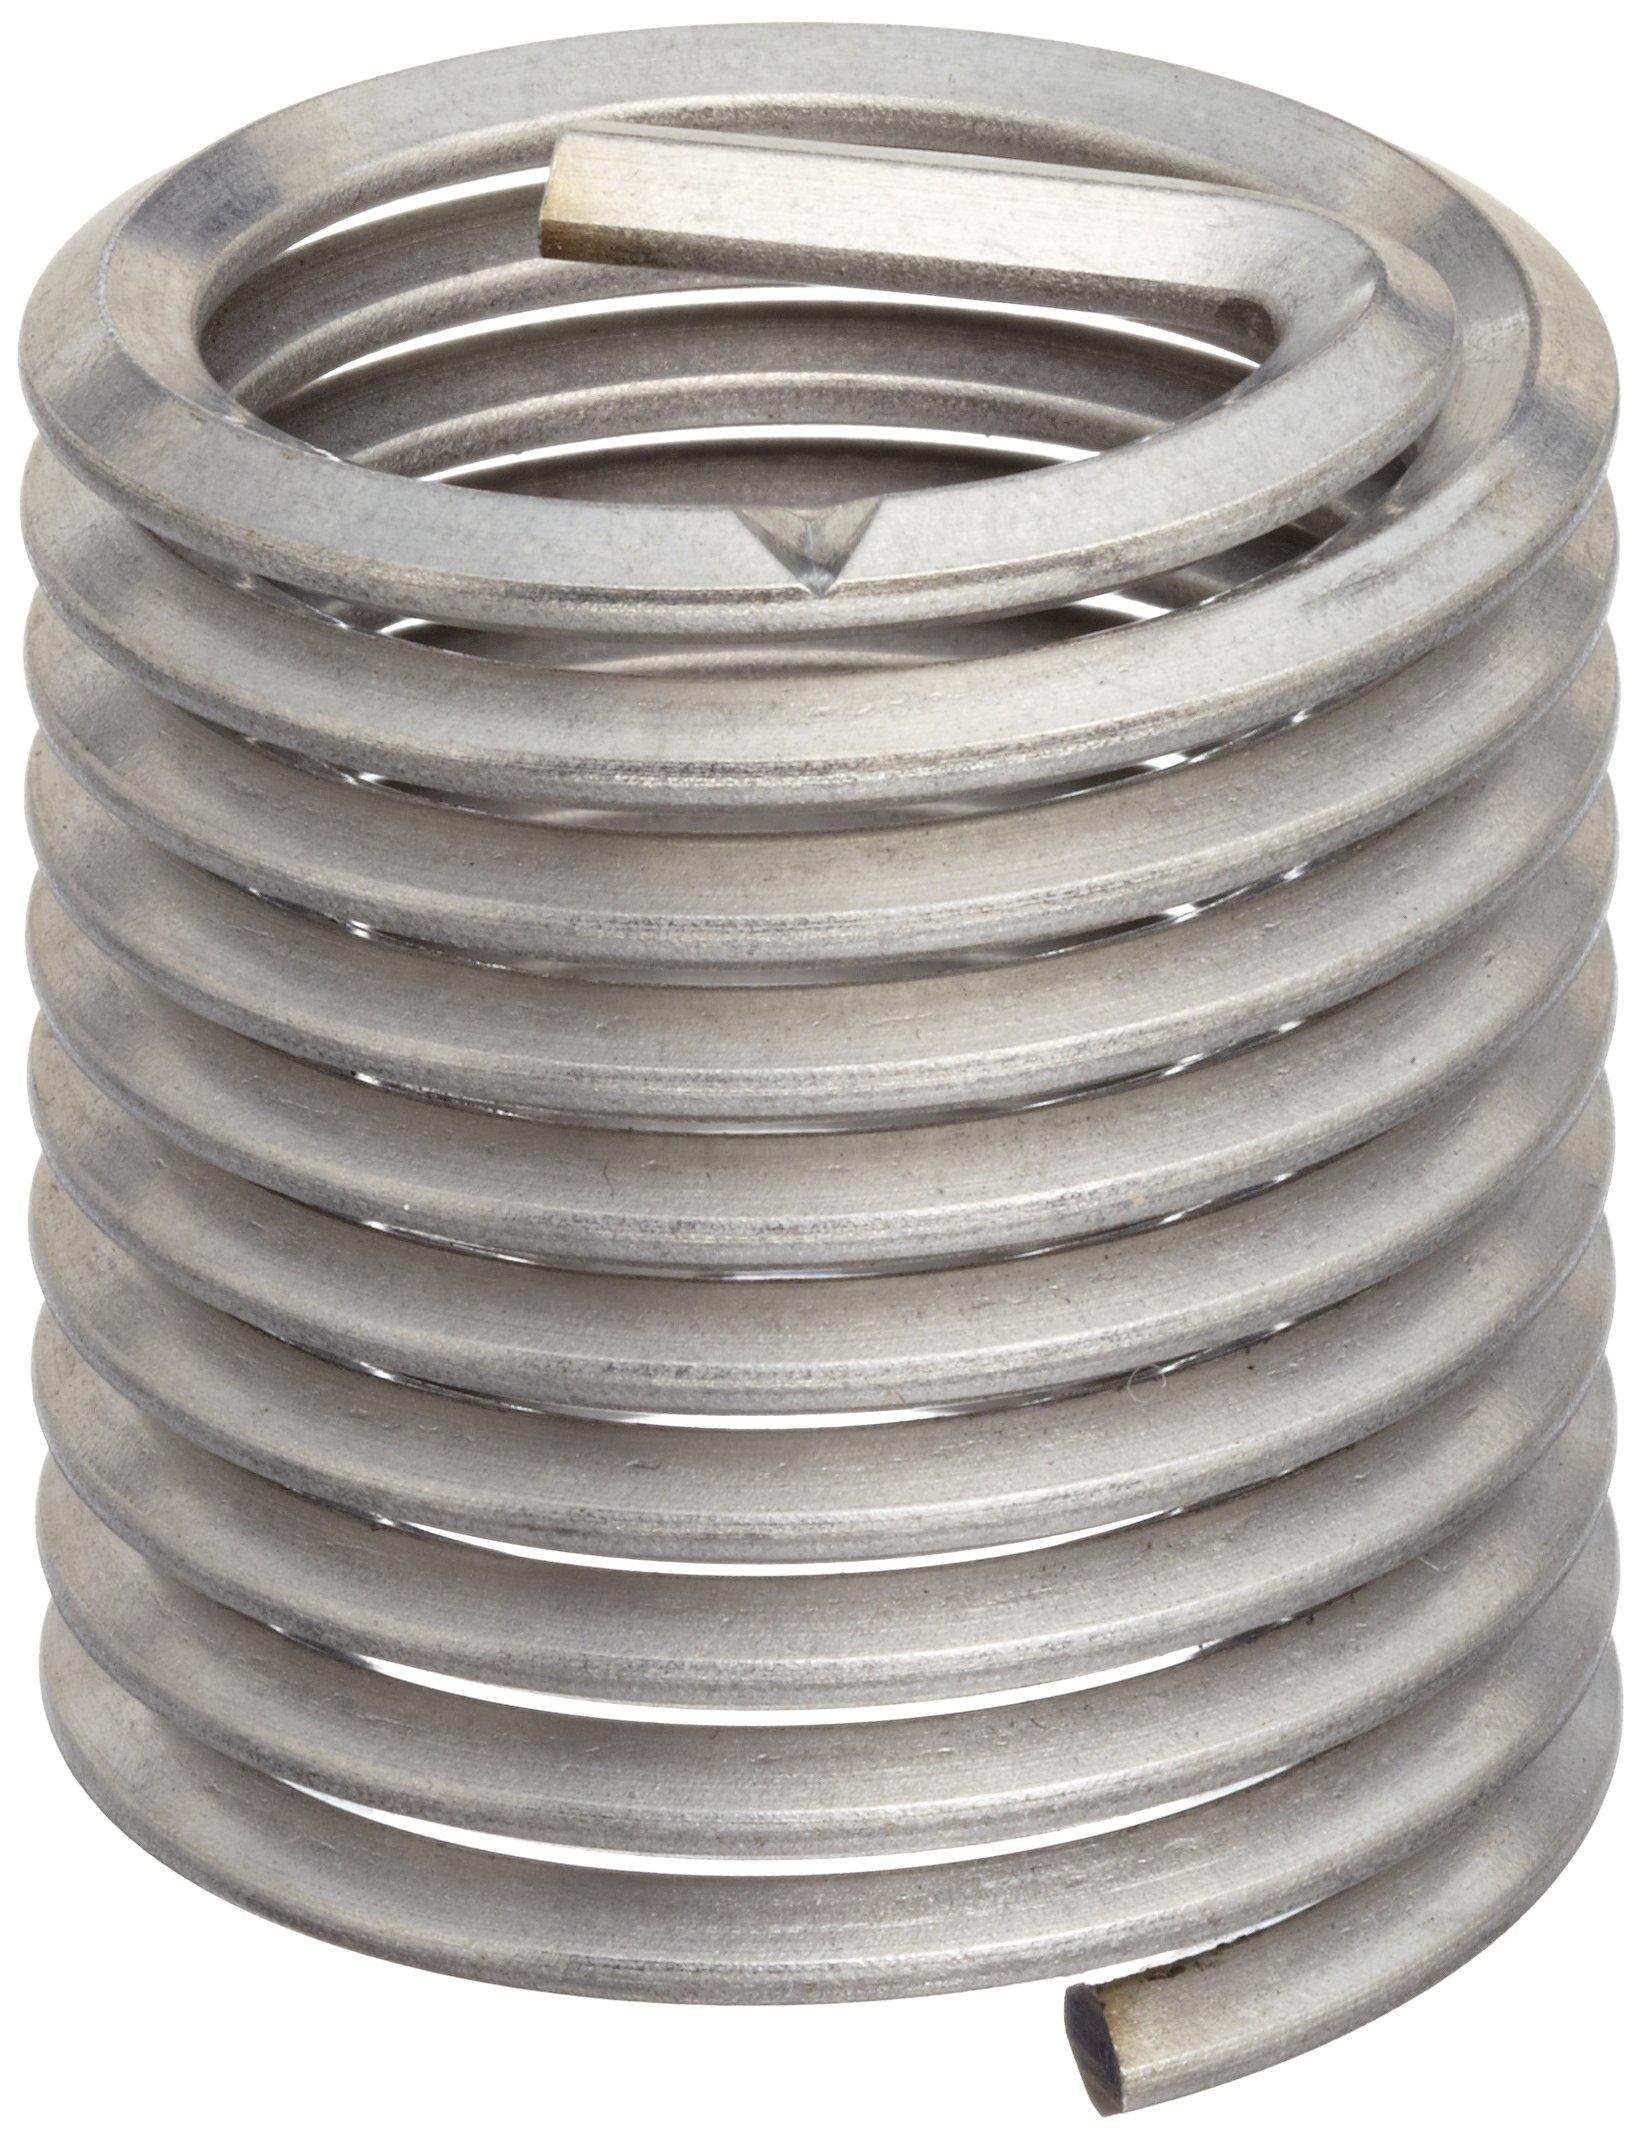 E-Z Lok Threaded Insert, 18-8 Stainless Steel, Helical, 5-40 Internal Threads, 0.250'' Length (Pack of 10)